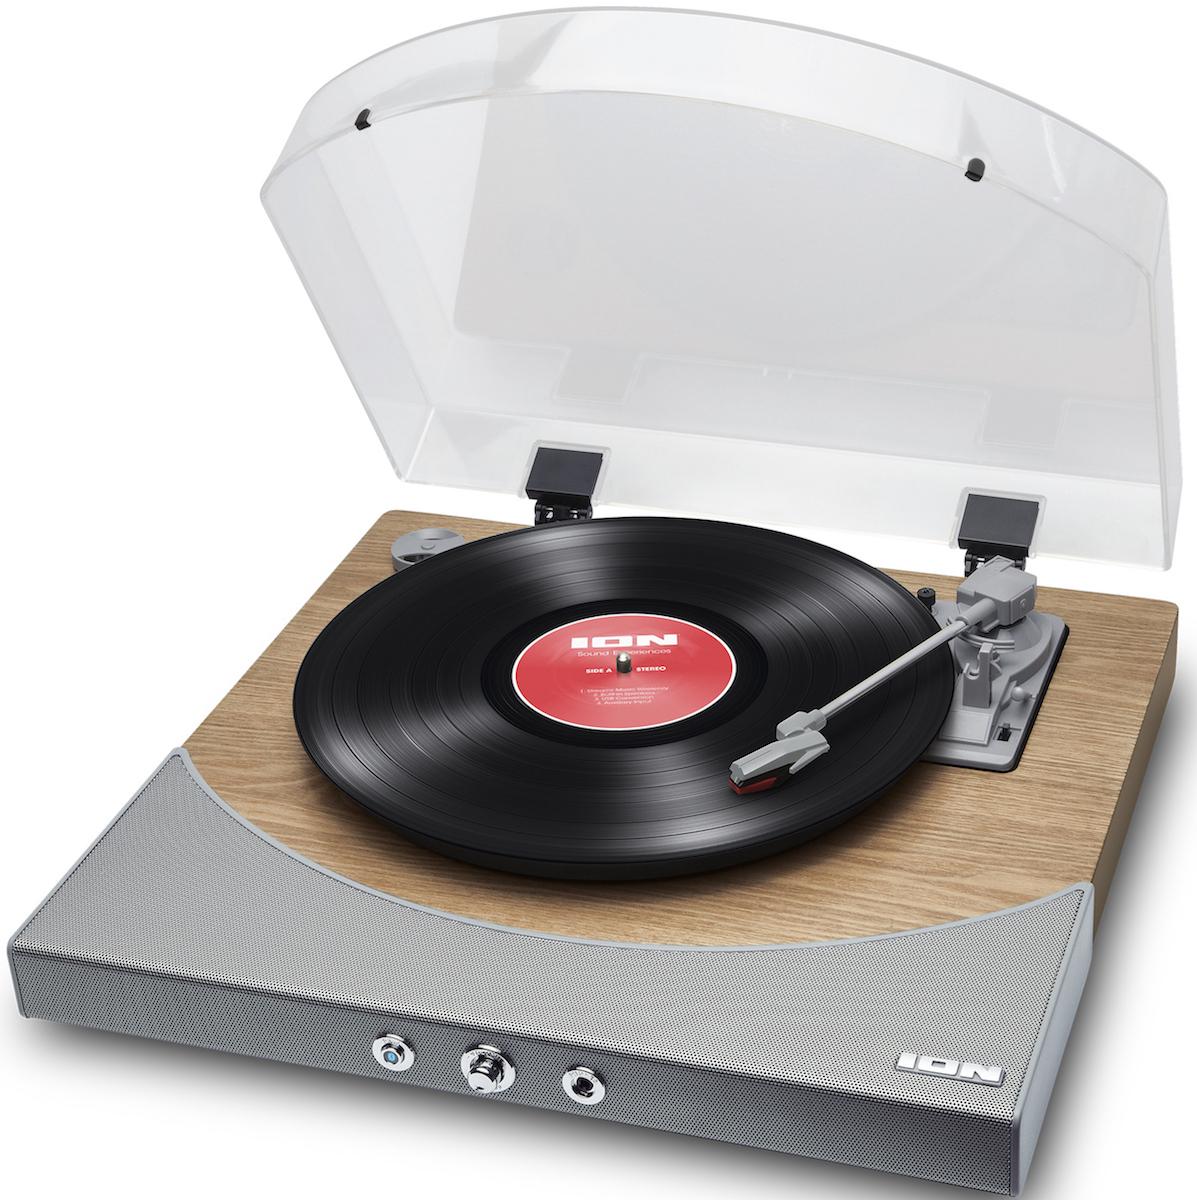 【公式 / 送料無料】ION Audioワイヤレス Bluetooth レコードプレーヤー 【スピーカー内蔵/RCA出力端子/ヘッドフォン端子/USB端子/外部入力端子/オートリターン機能】天然木仕上げ Premier LP Natural